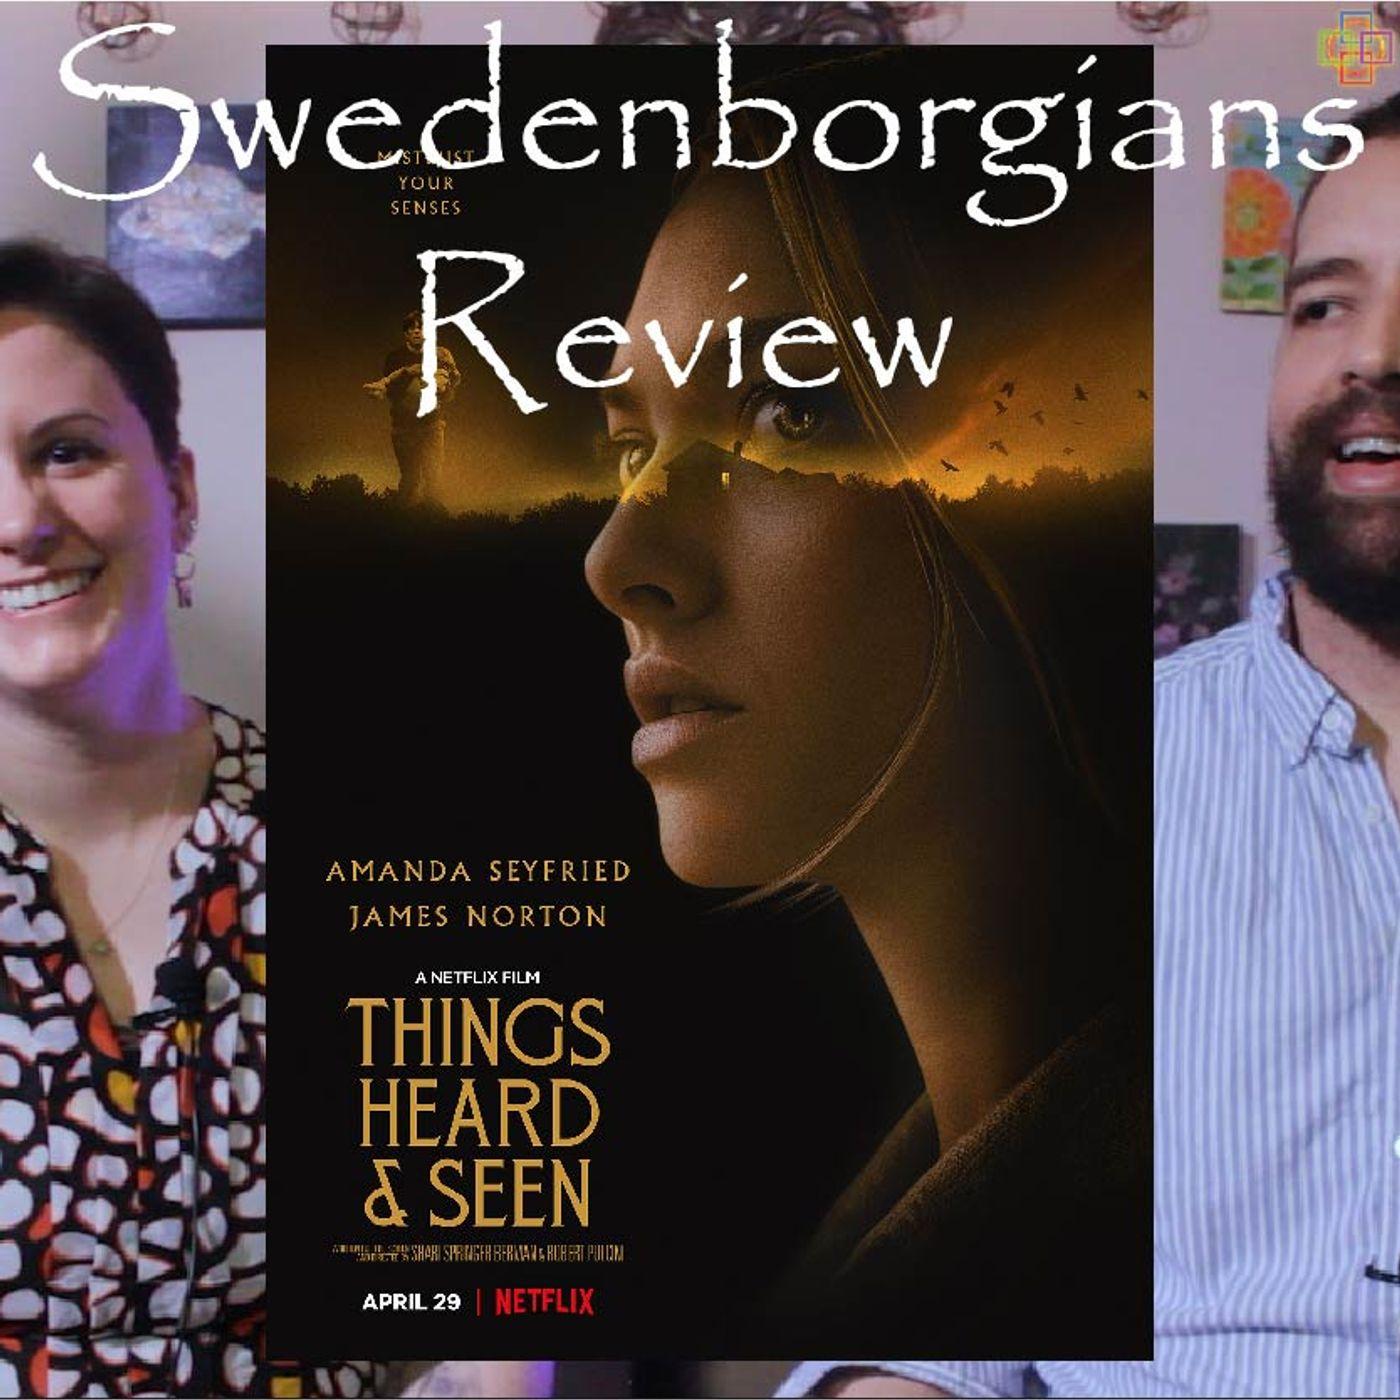 """Swedenborgians Review Netflix's """"Things Heard & Seen"""""""